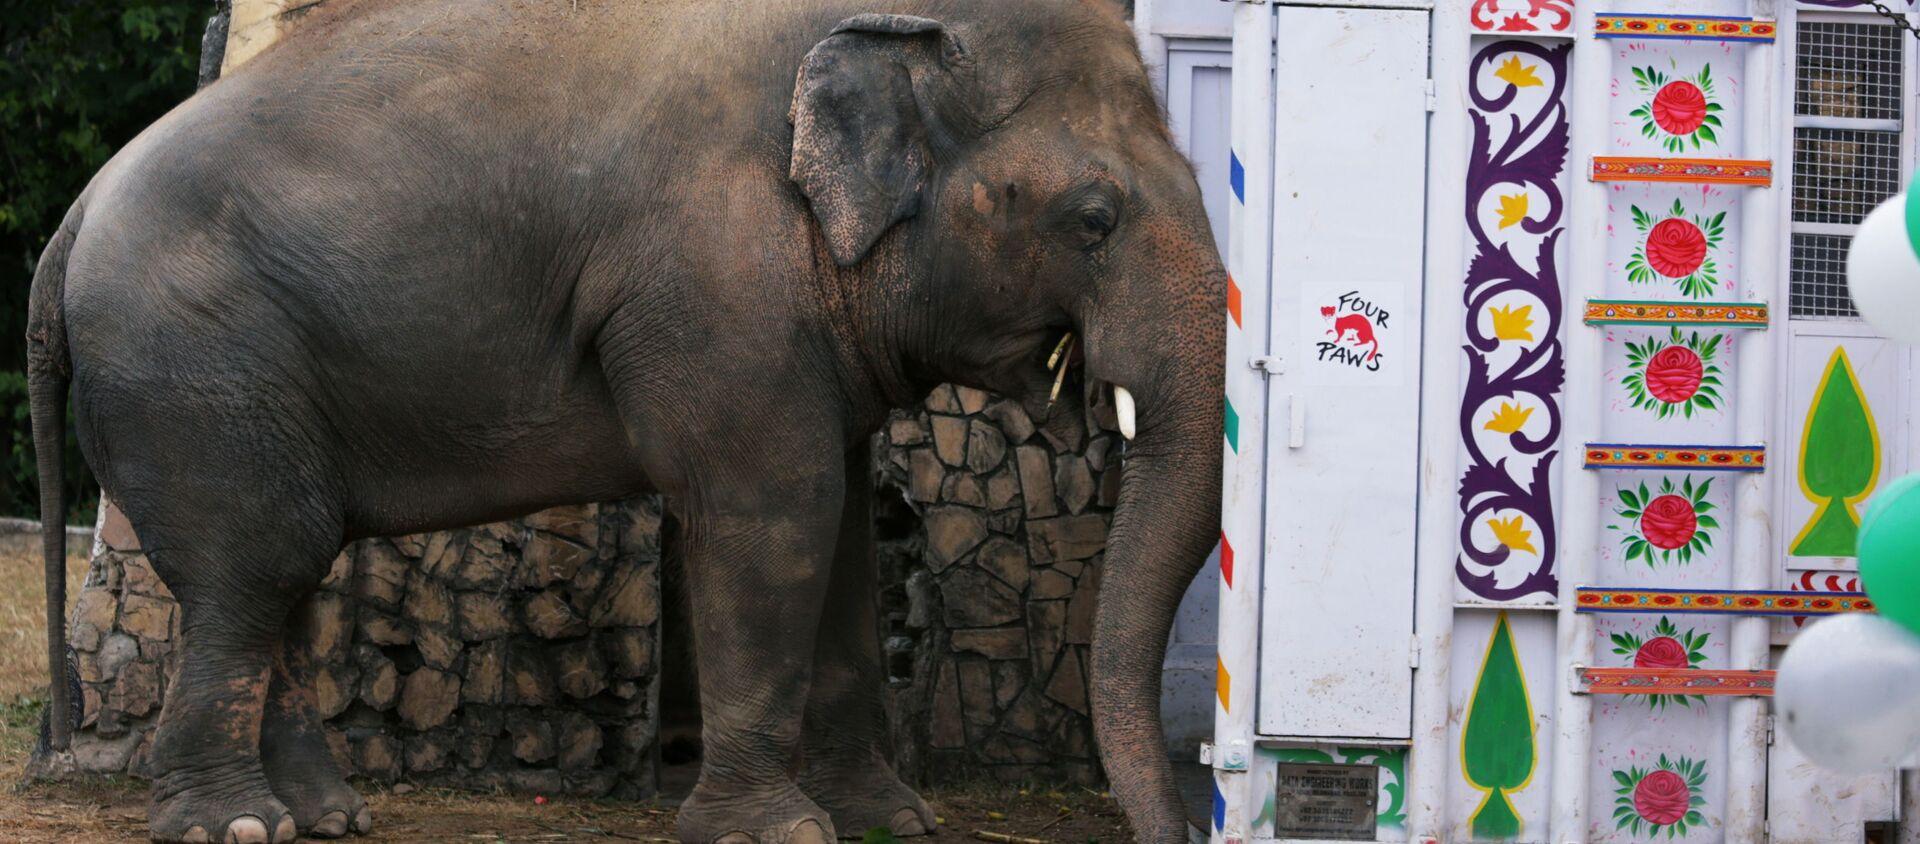 Con voi với biệt hiệu Kaavan đang chờ để được chuyển hộ khẩu từ Vườn thú Marghazar ở Islamabad, Pakistan đến Khu bảo tồn thiên nhiên ở Campuchia.  - Sputnik Việt Nam, 1920, 30.11.2020